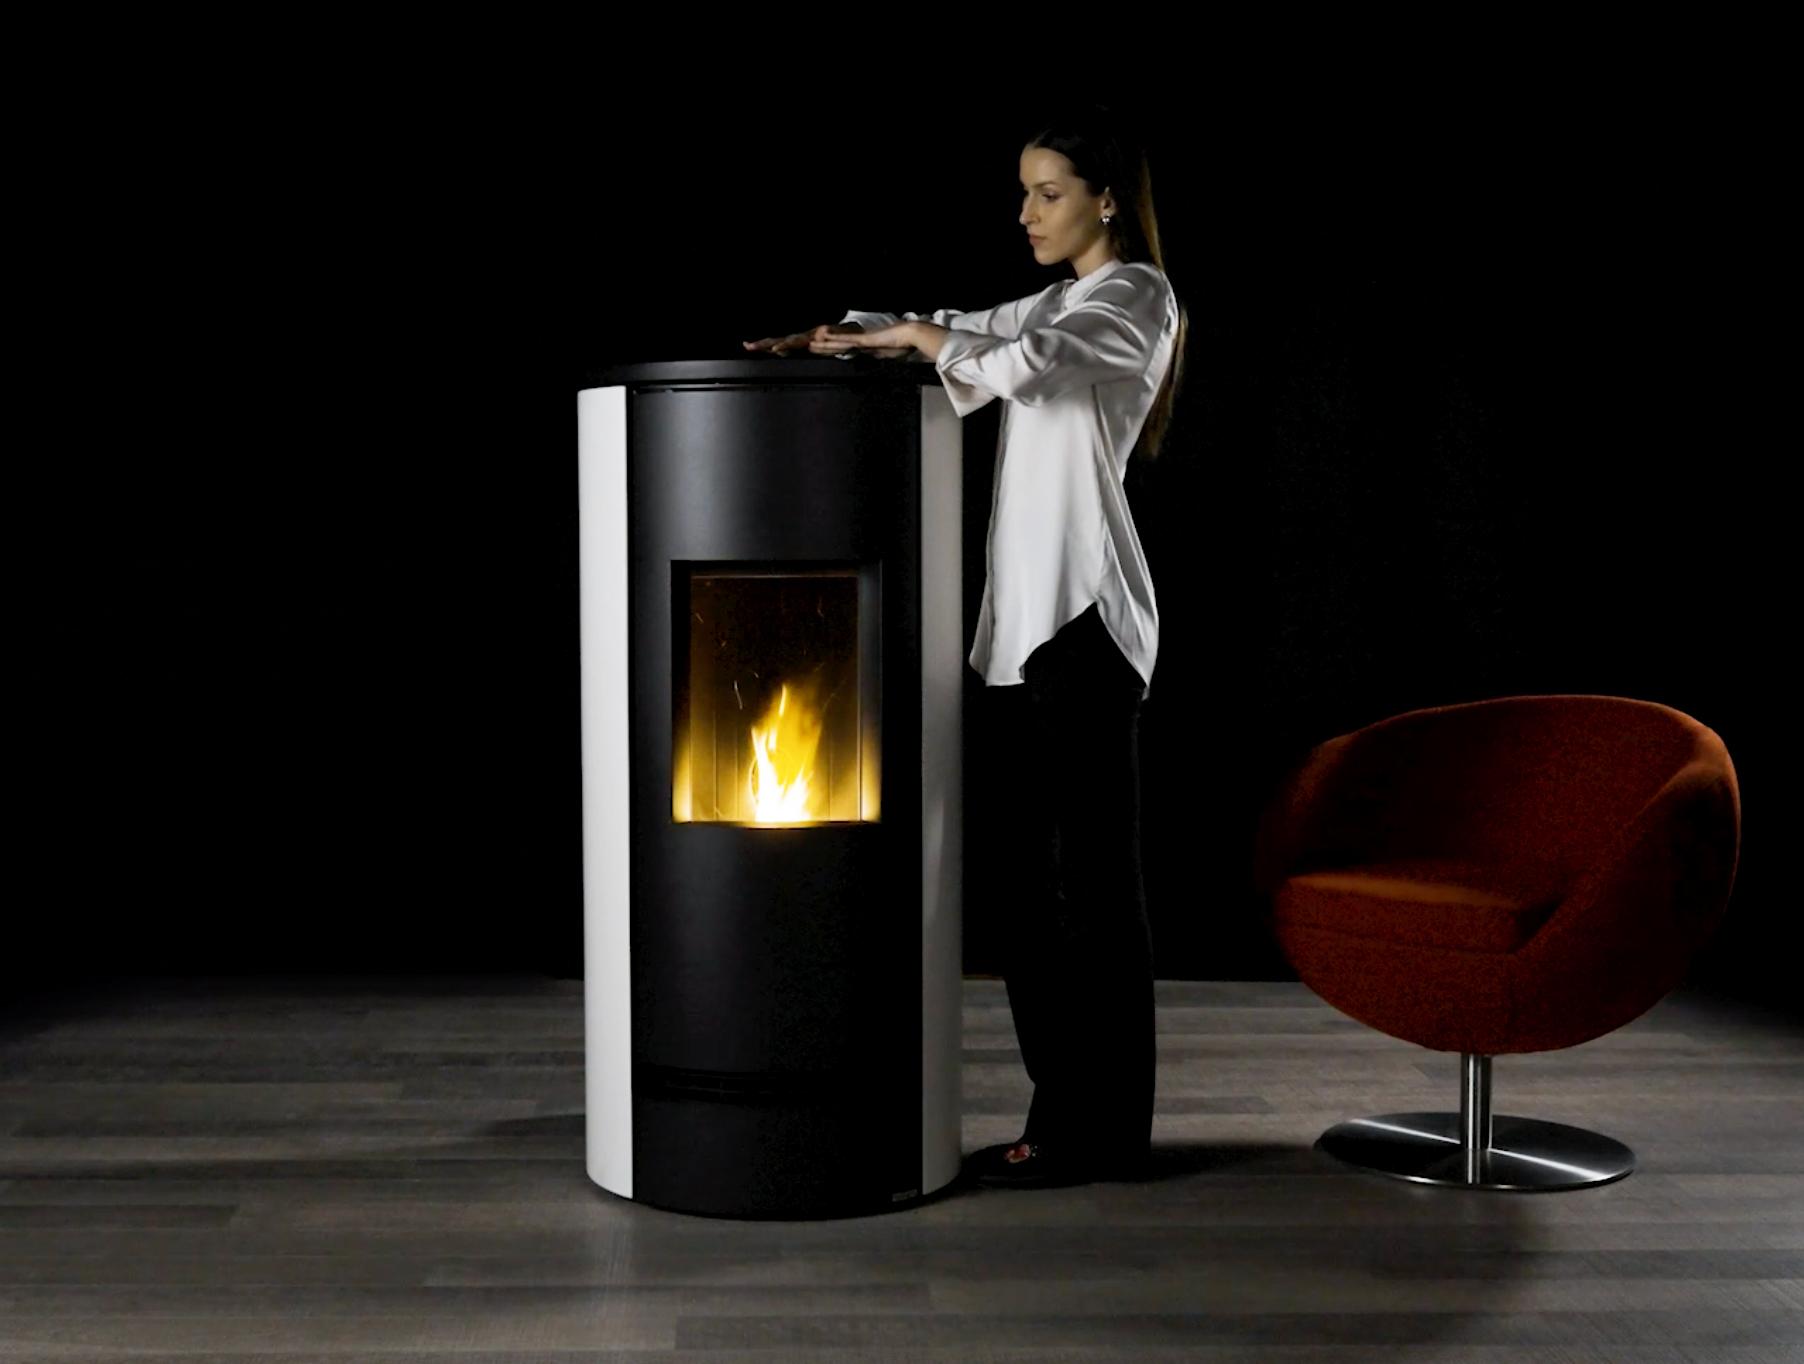 Estufas de pellets Premium Line: las nuevas protagonistas de la sala de estar